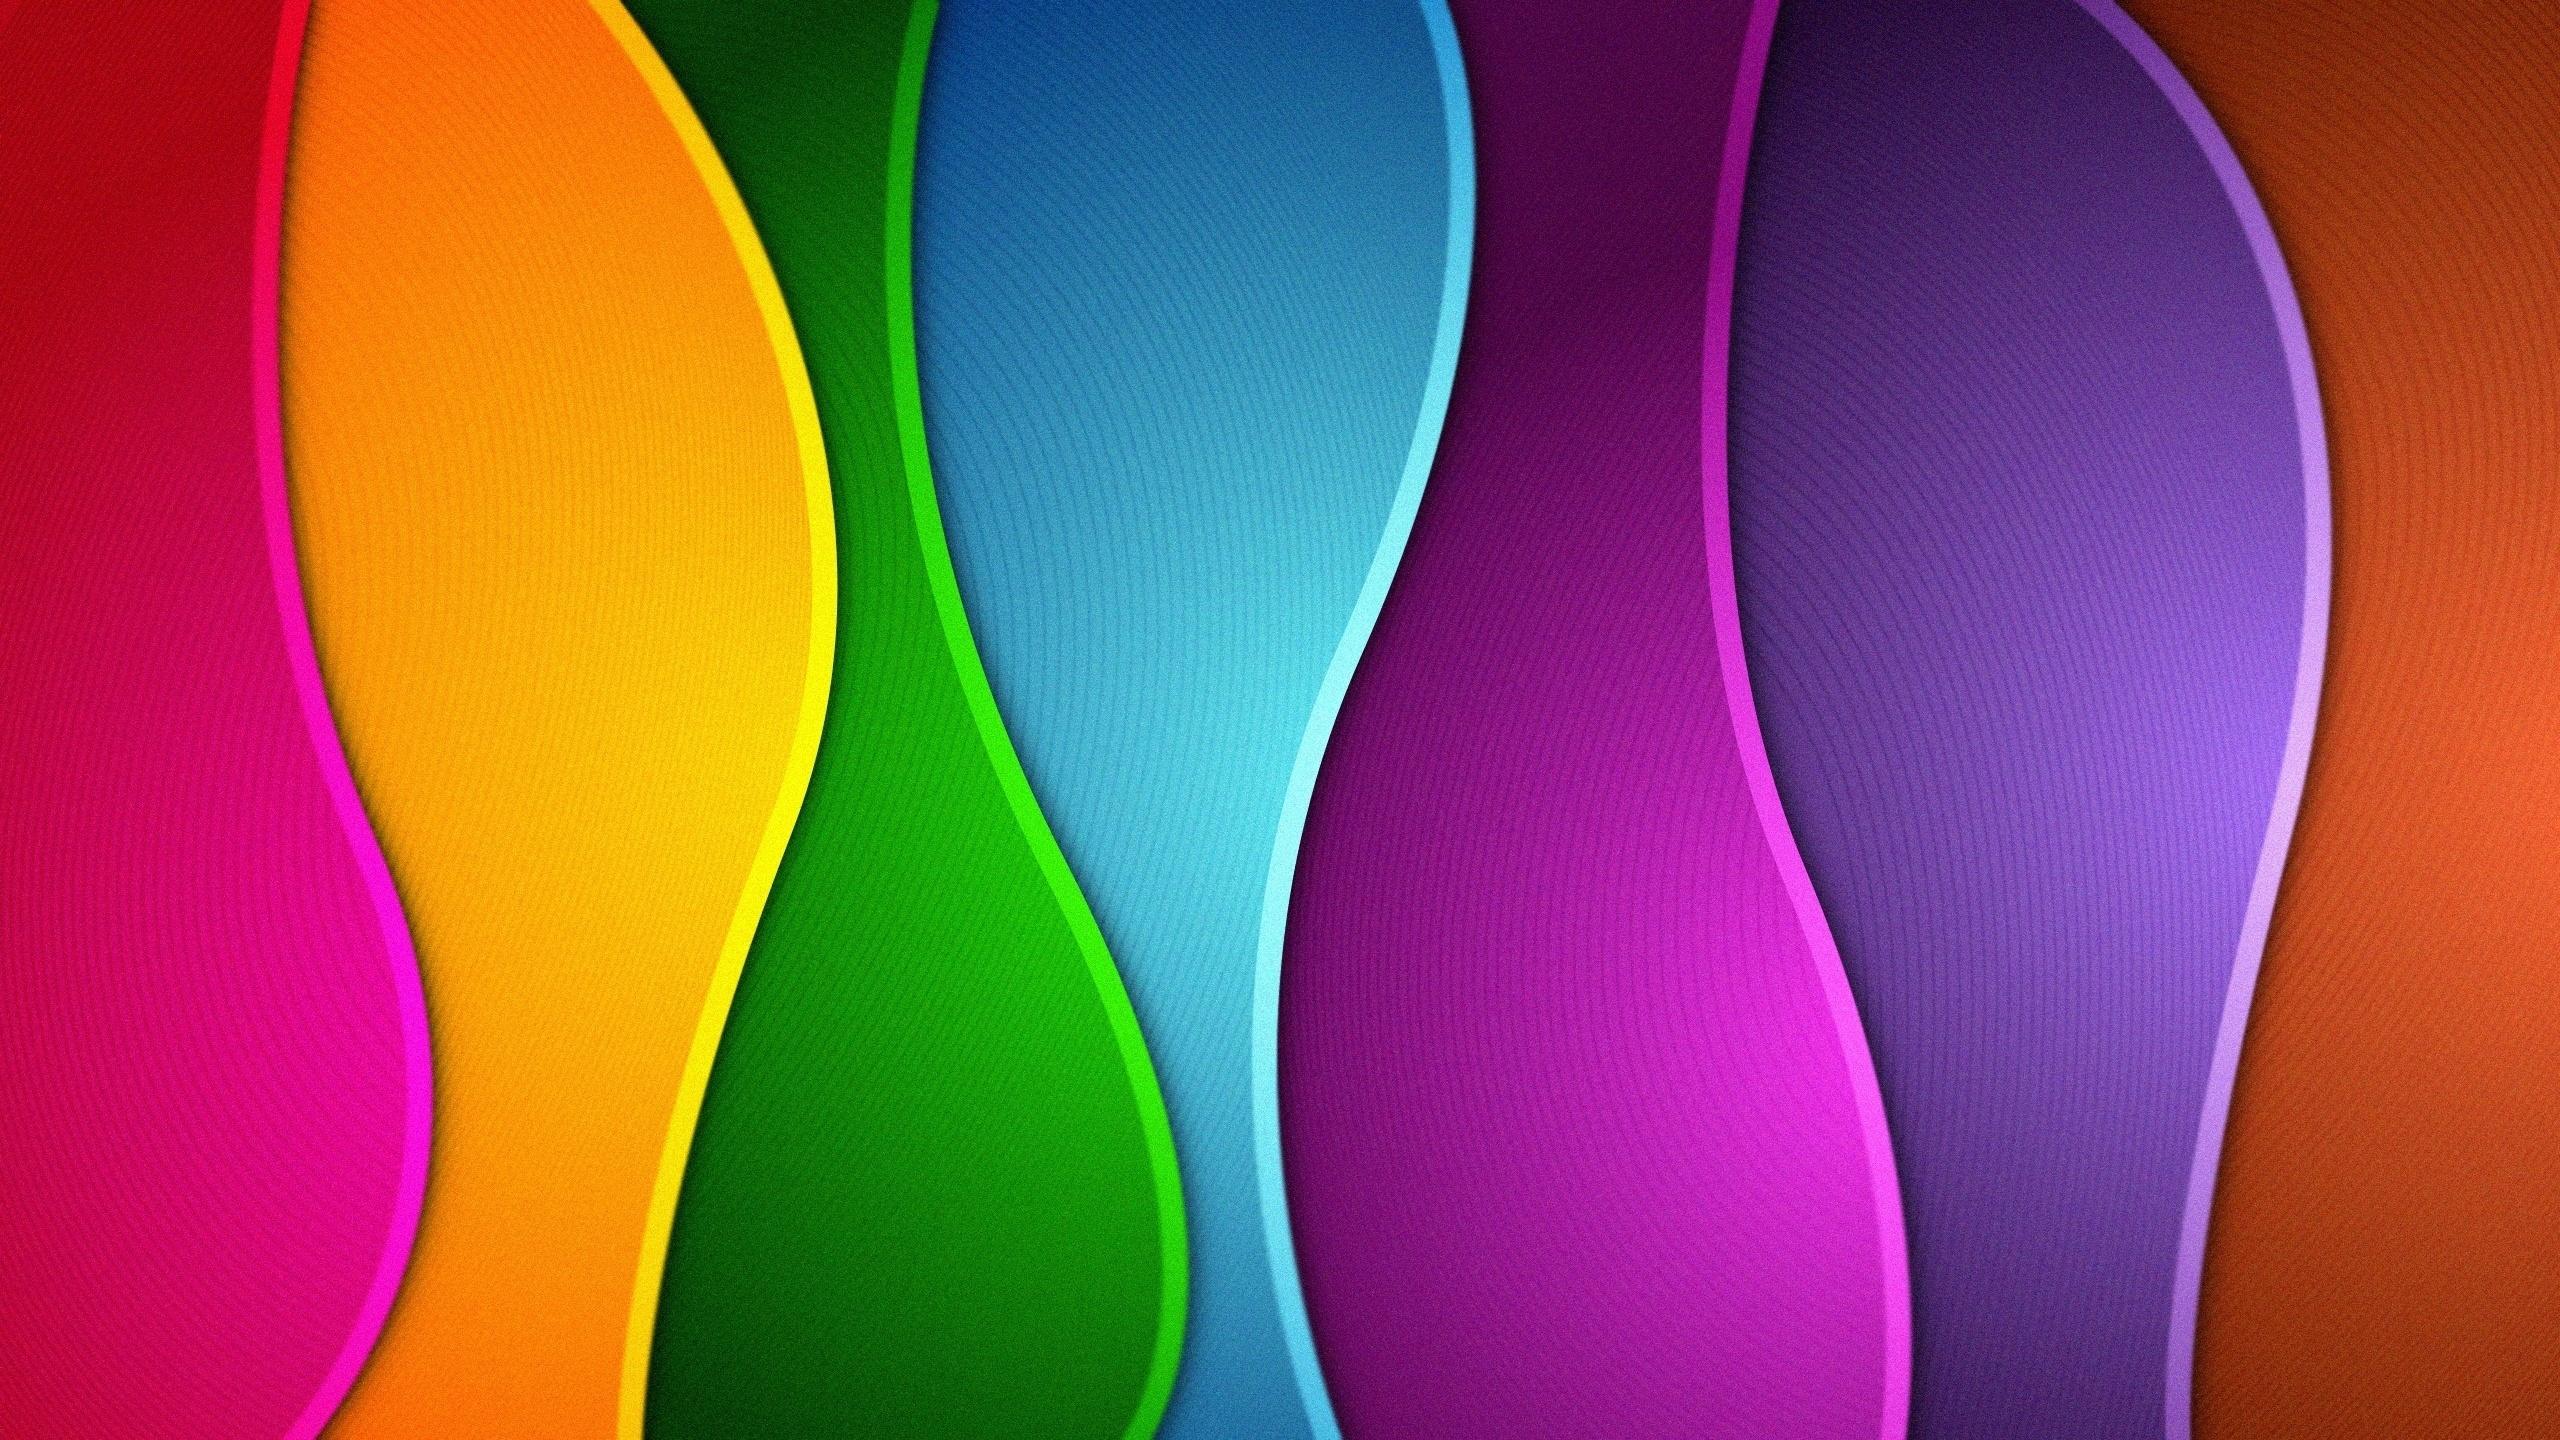 Абстрактные цветные волны бесплатно